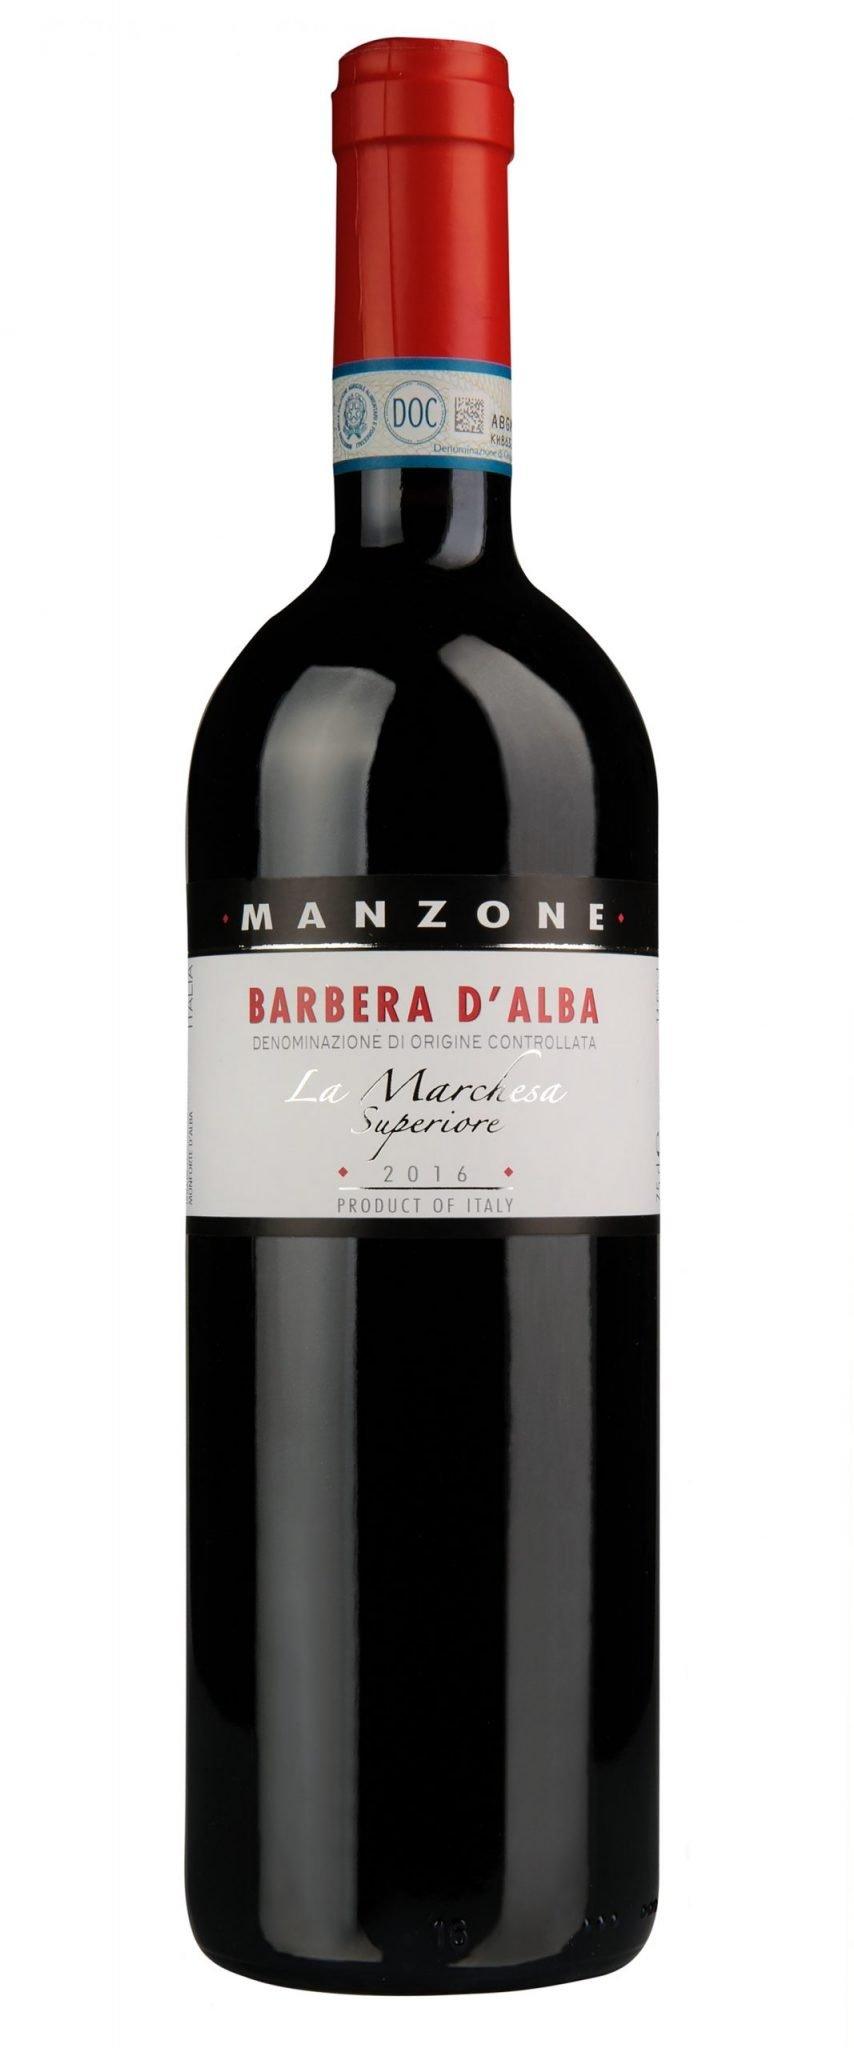 Giovanni Manzone Barbera d'Alba Superiore 'La Marchesa' 2015 (enMagnum – 1500ml)